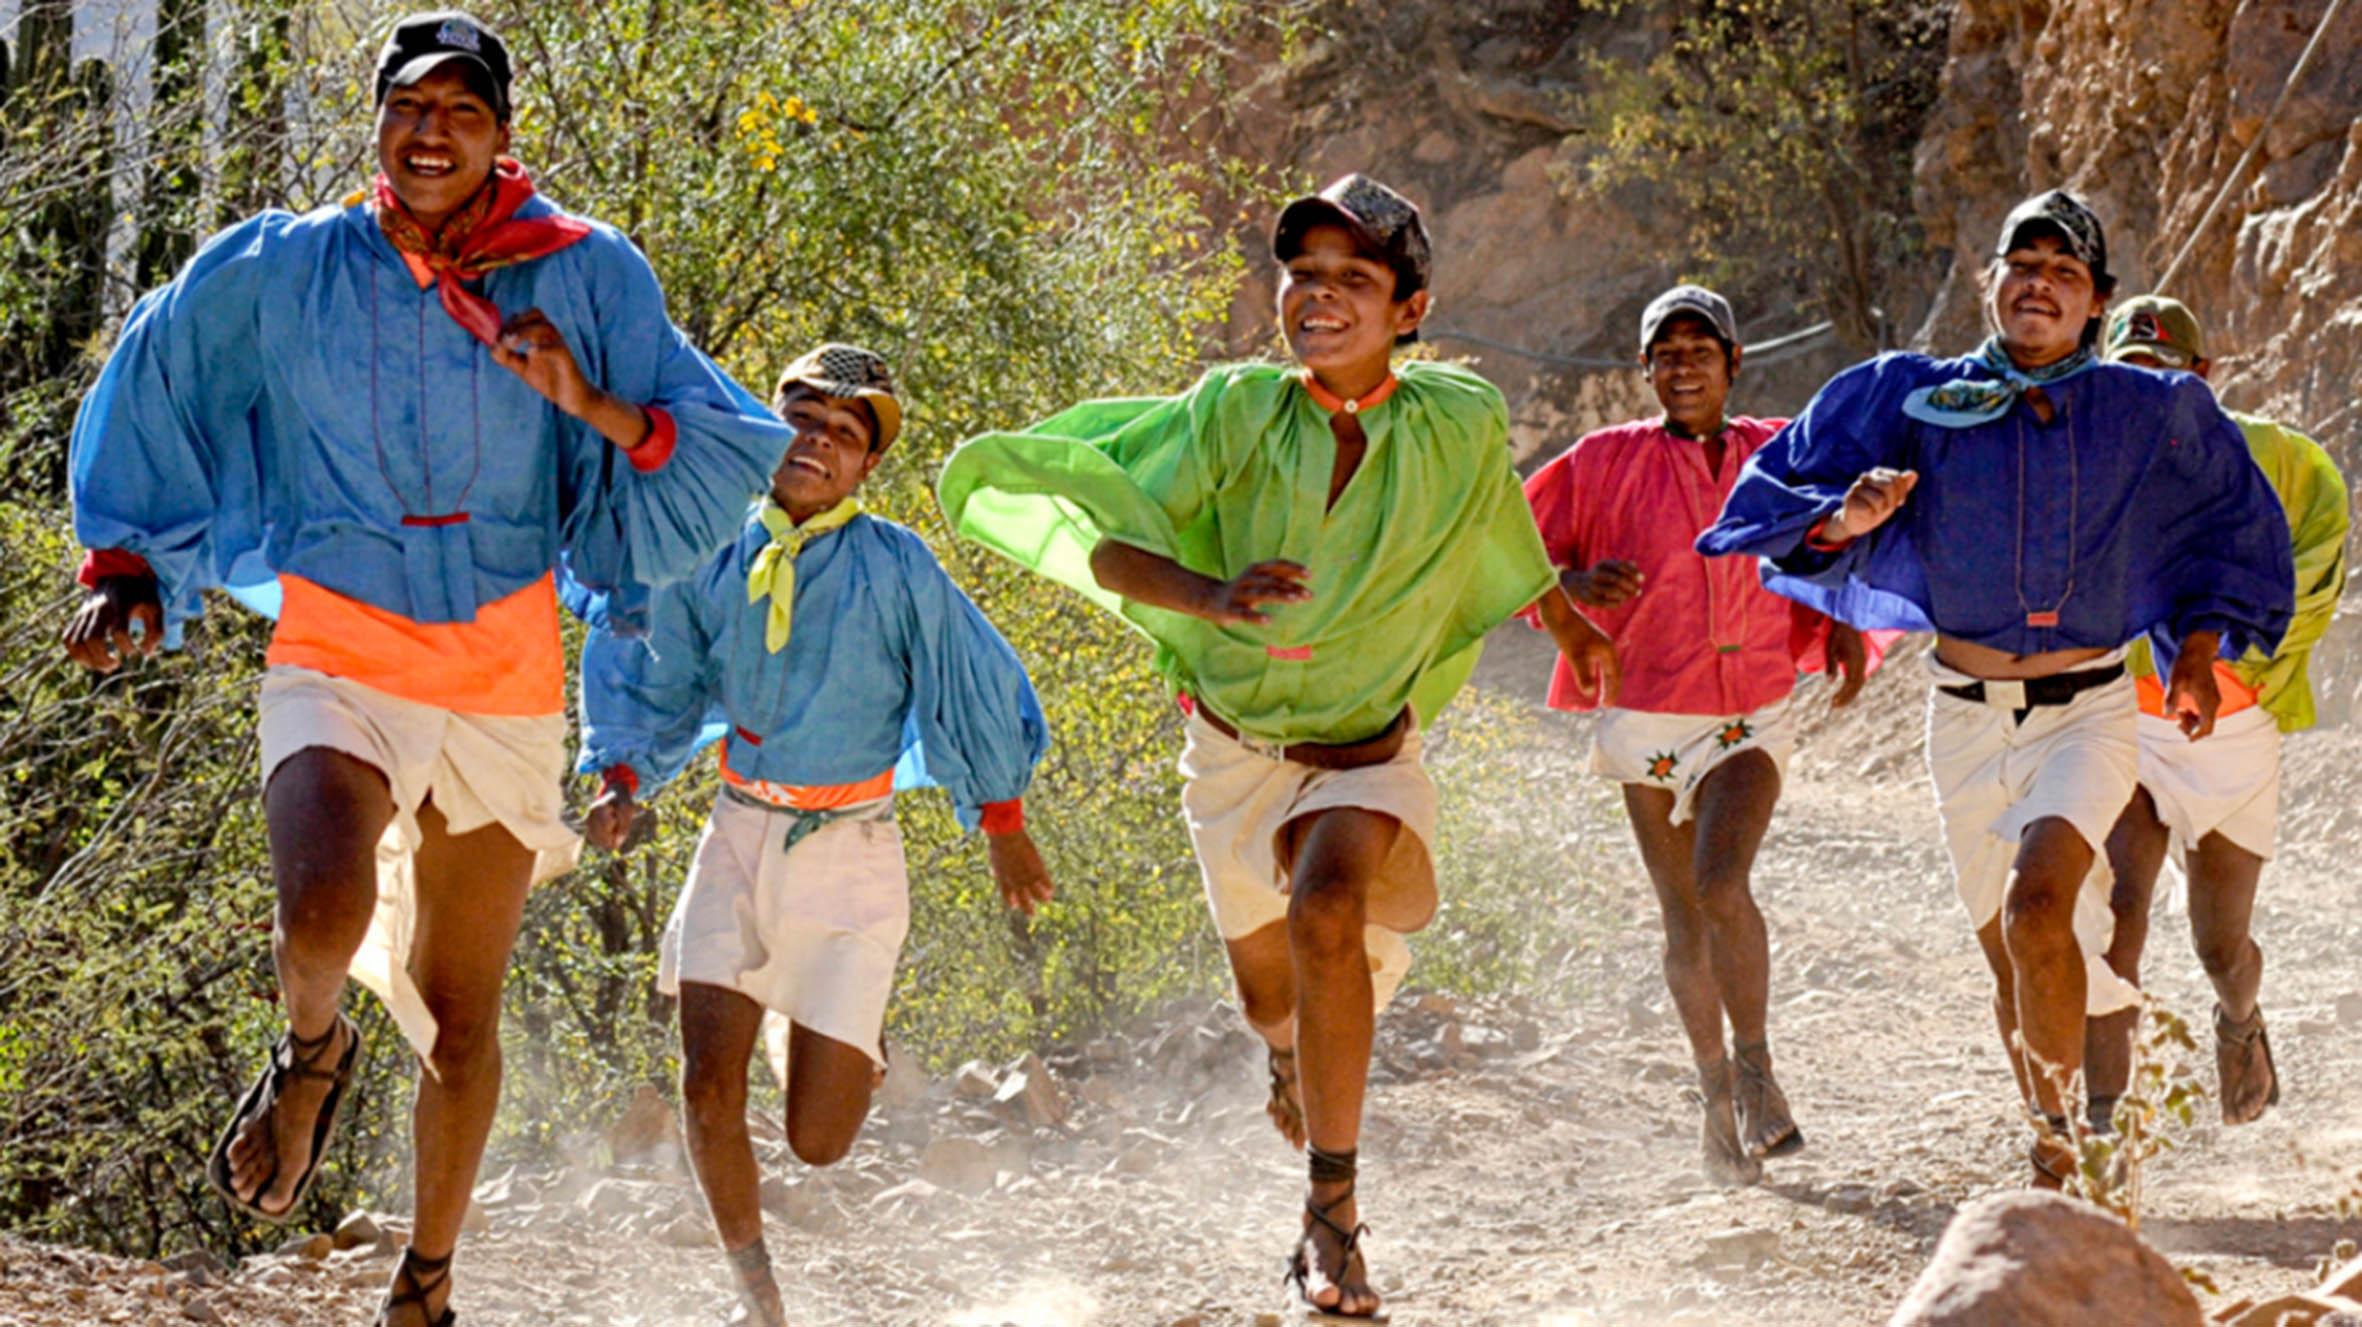 Investigadores de la UNAM buscan explicar capacidad y resistencia de los tarahumaras para correr